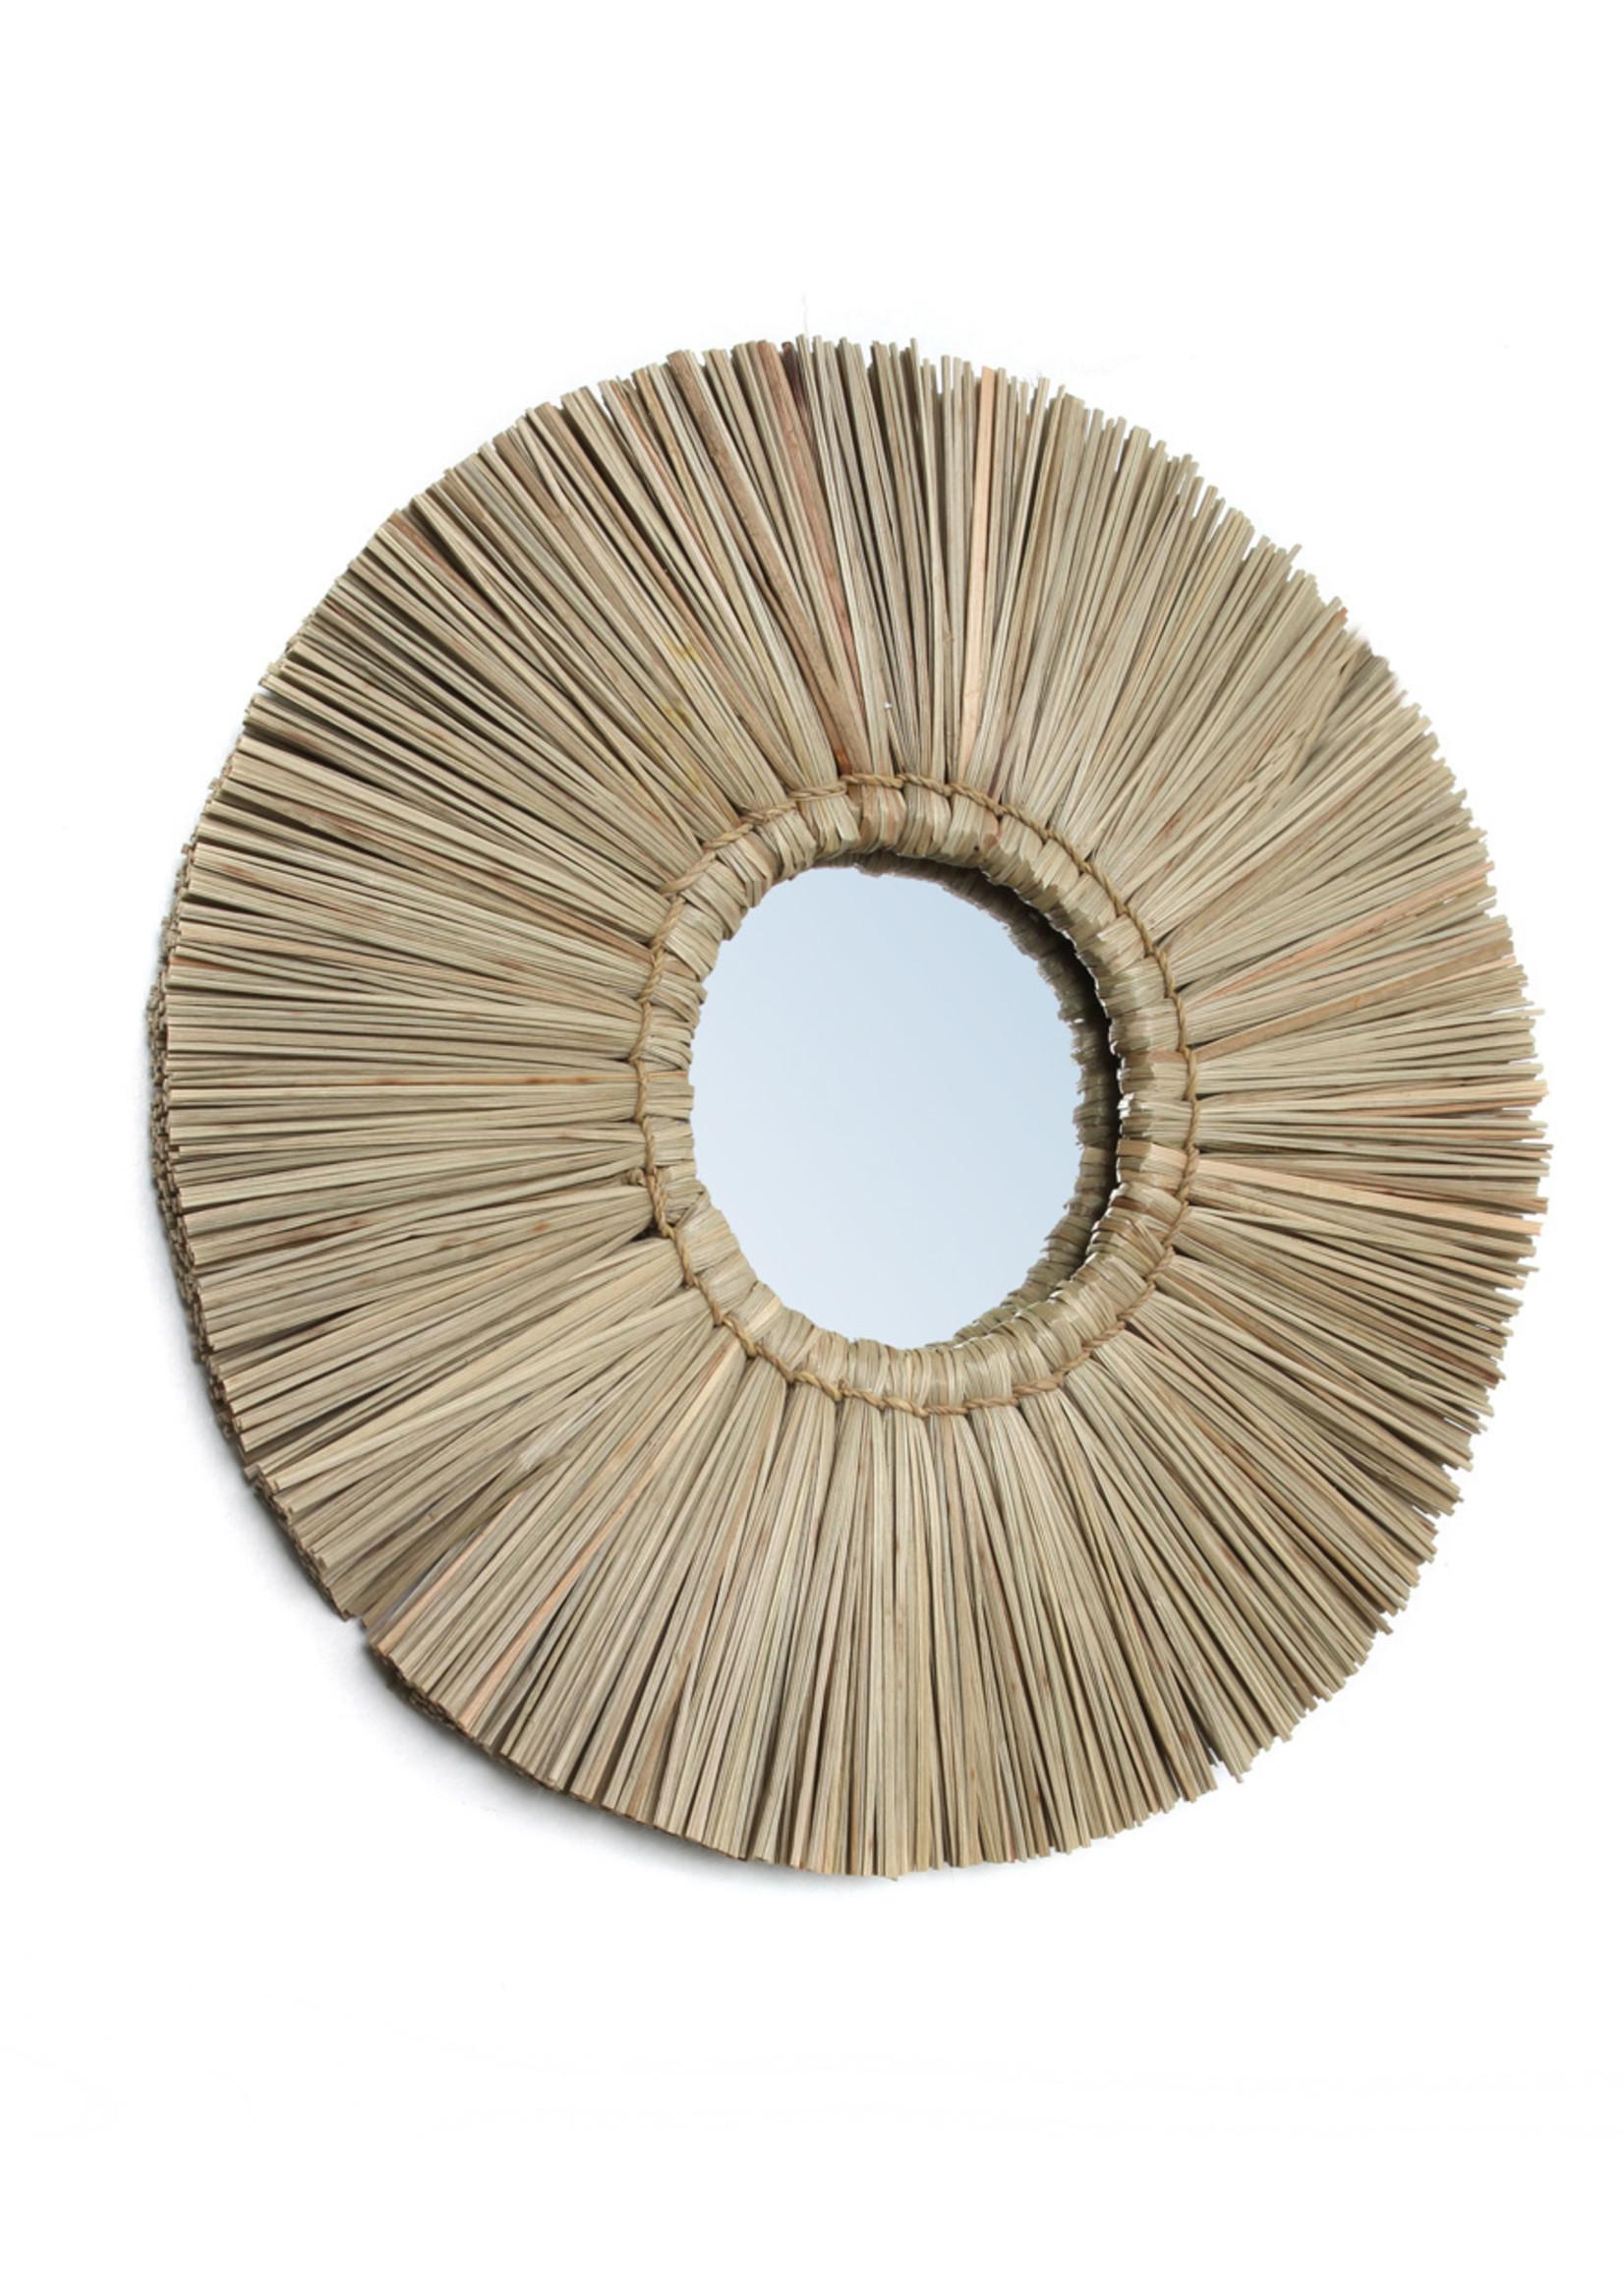 The Alang Alang Mirror - Natural -  S